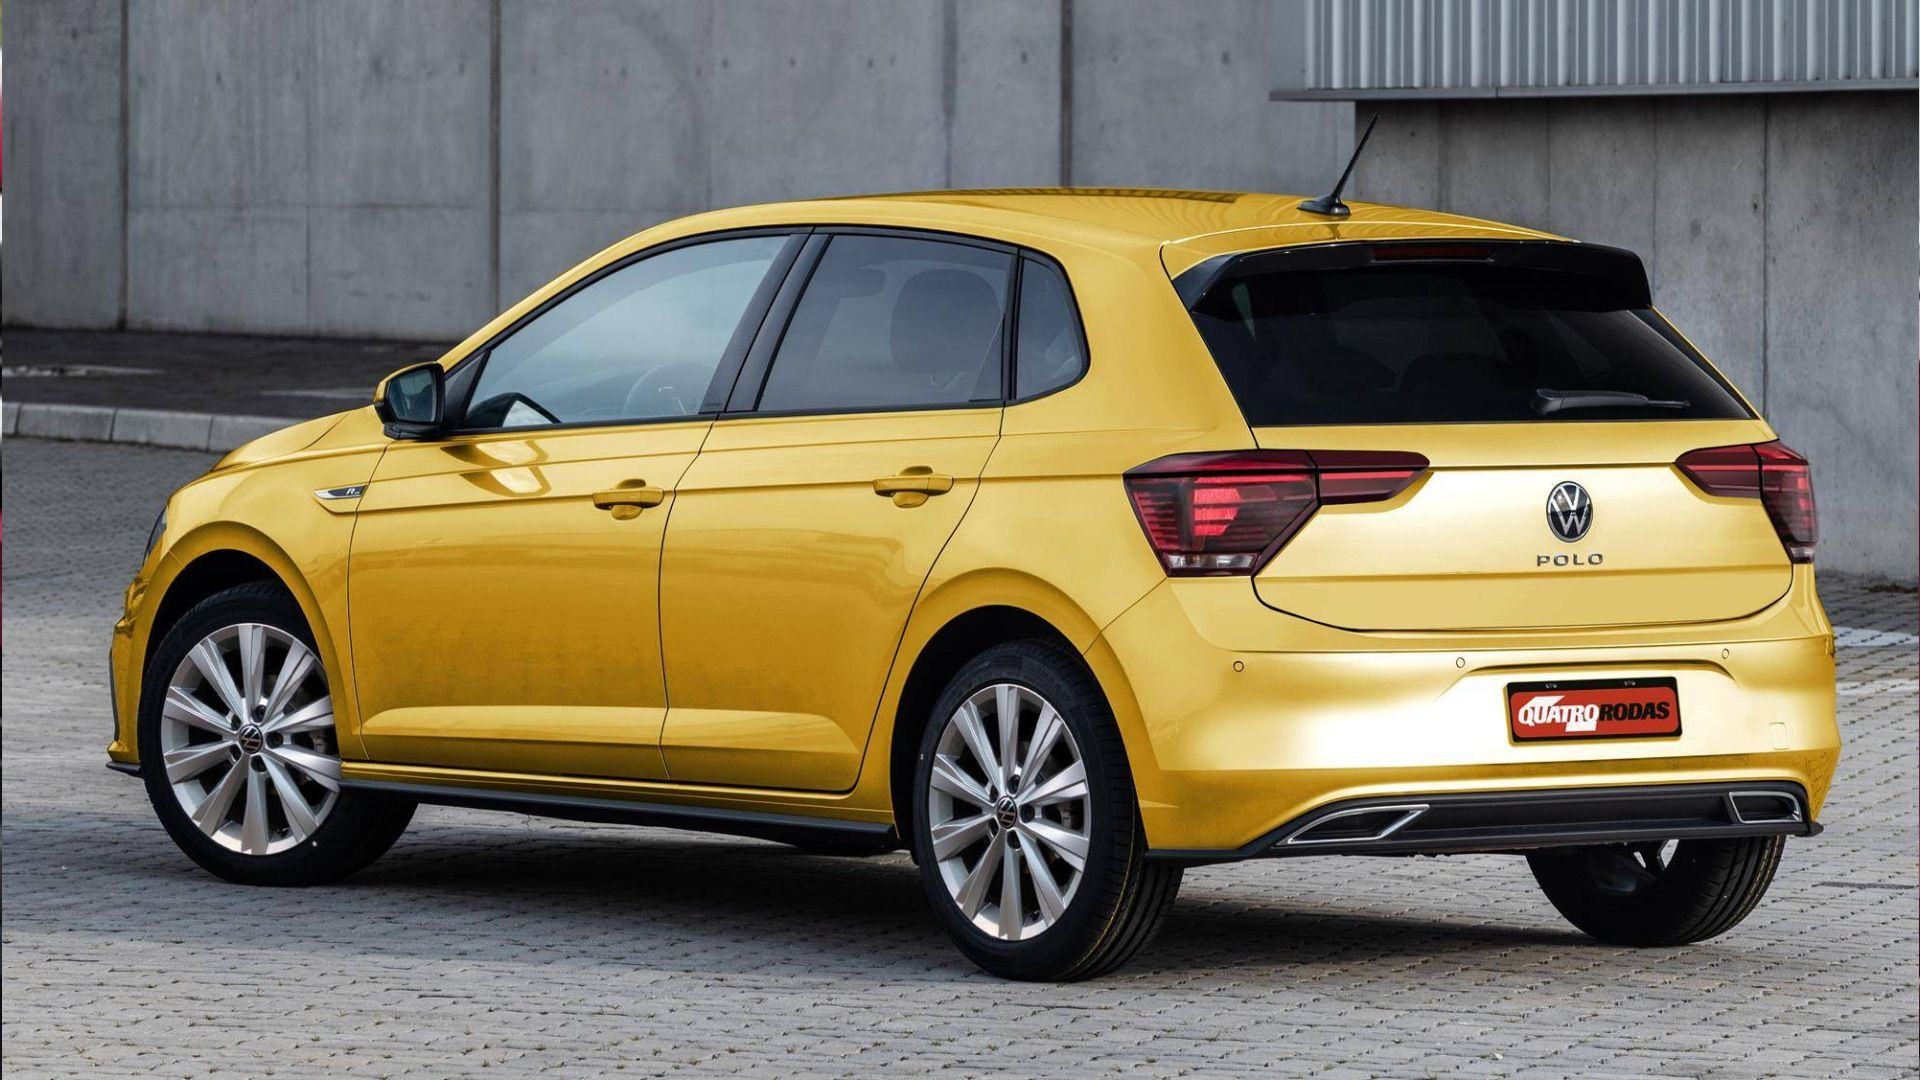 Nuevo Volkswagen Polo 2022: cambio de motor, más tecnología y seguridad